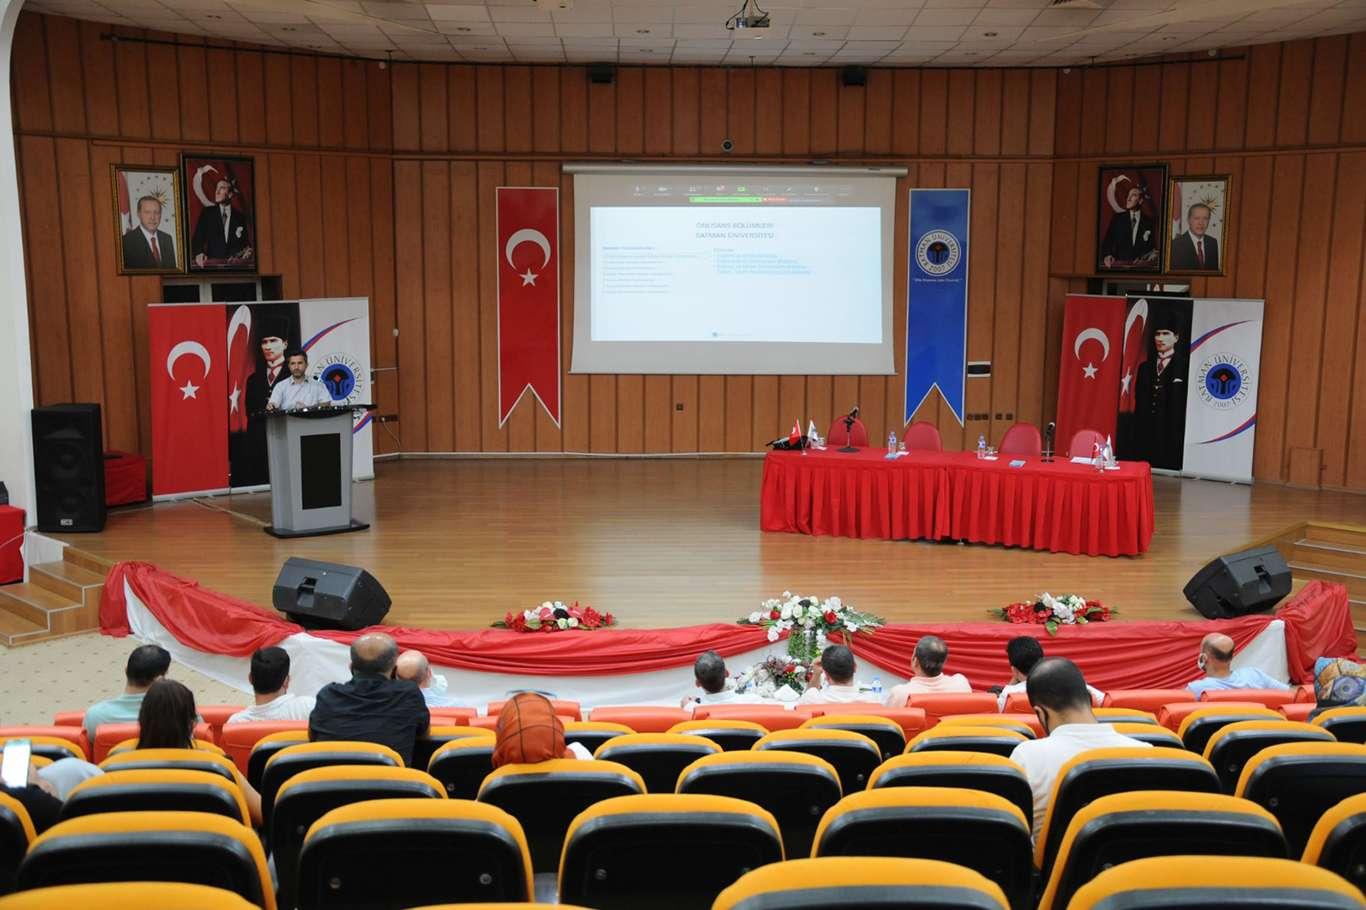 Batman Üniversitesi MEB lise yöneticileri ve rehber öğretmenlerine tanıtıldı